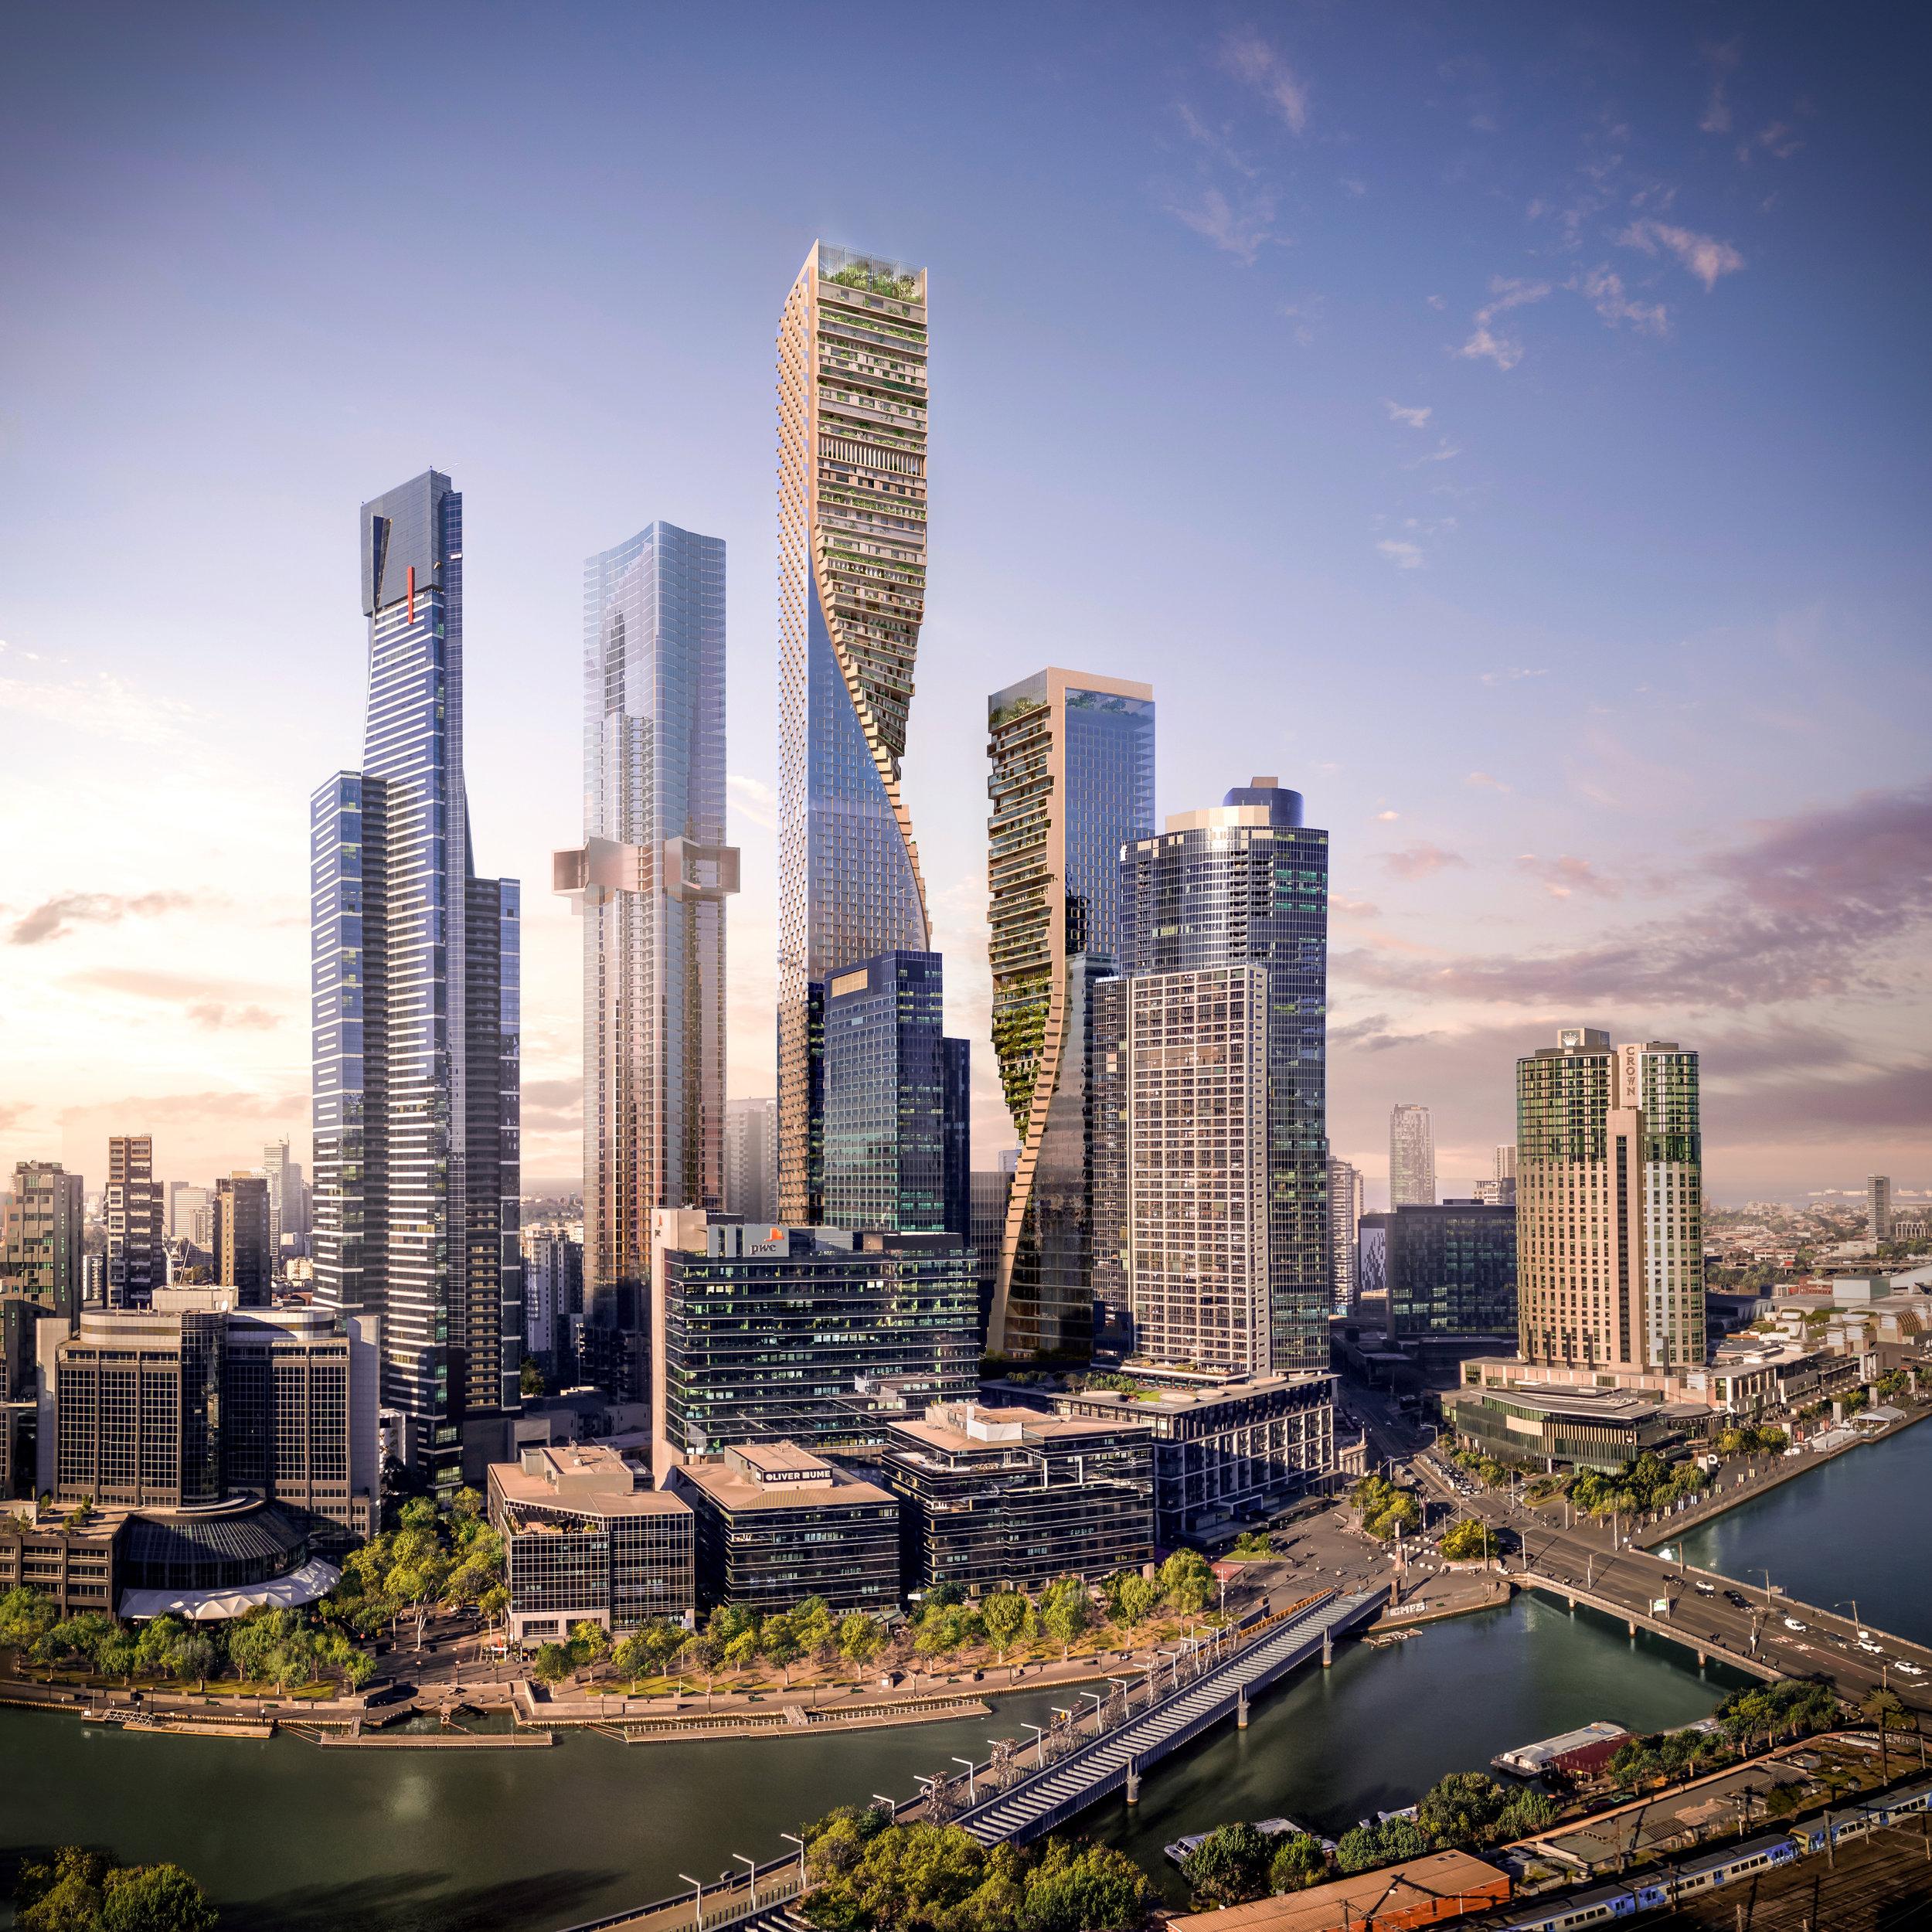 Image courtesy of UNStudio and Cox Architecture